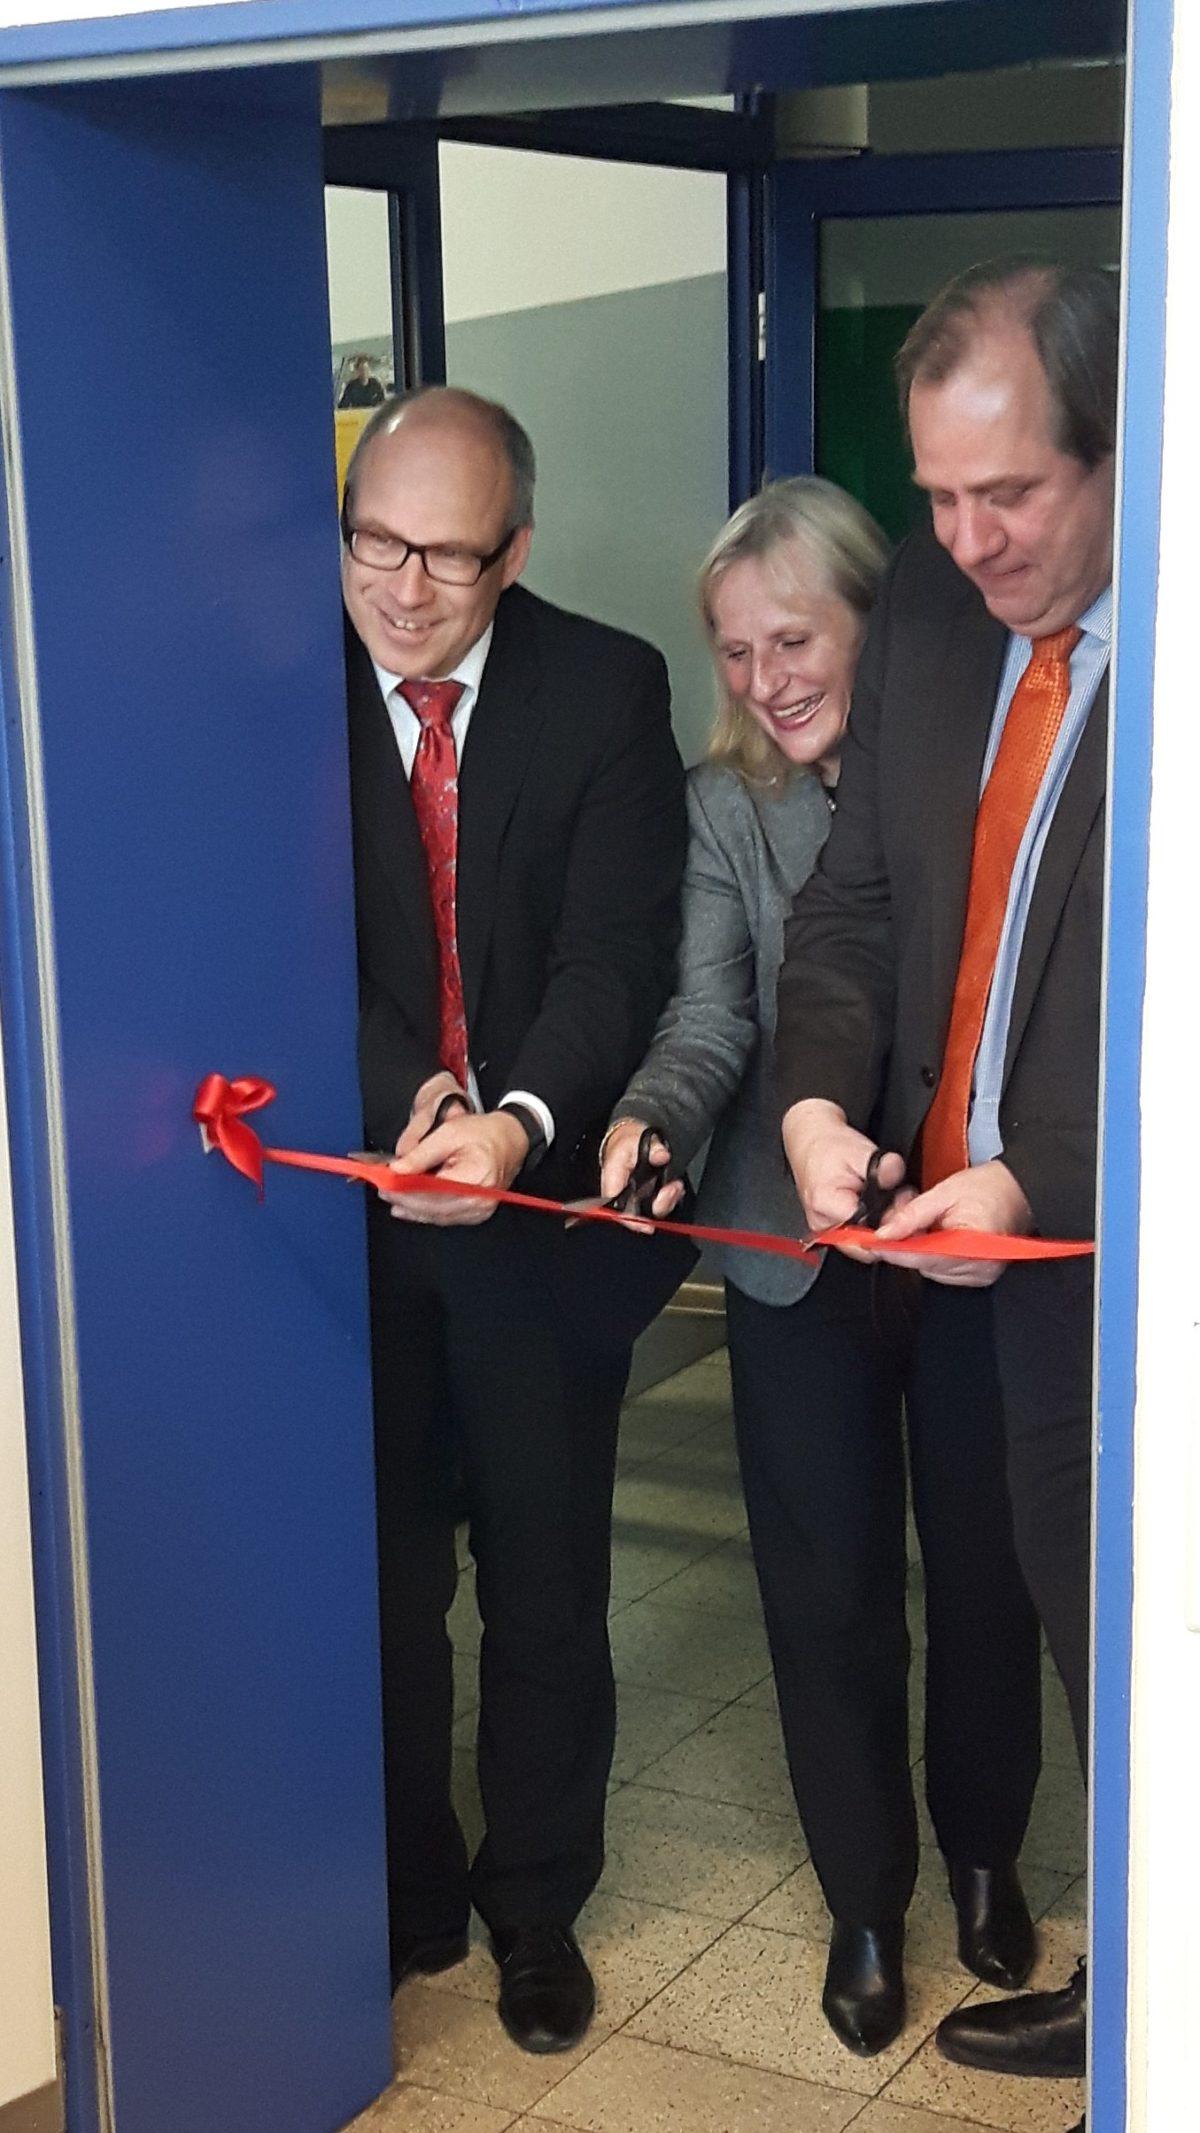 Schulsenator eröffnet feierlich neues Berufsorientierungsbüro